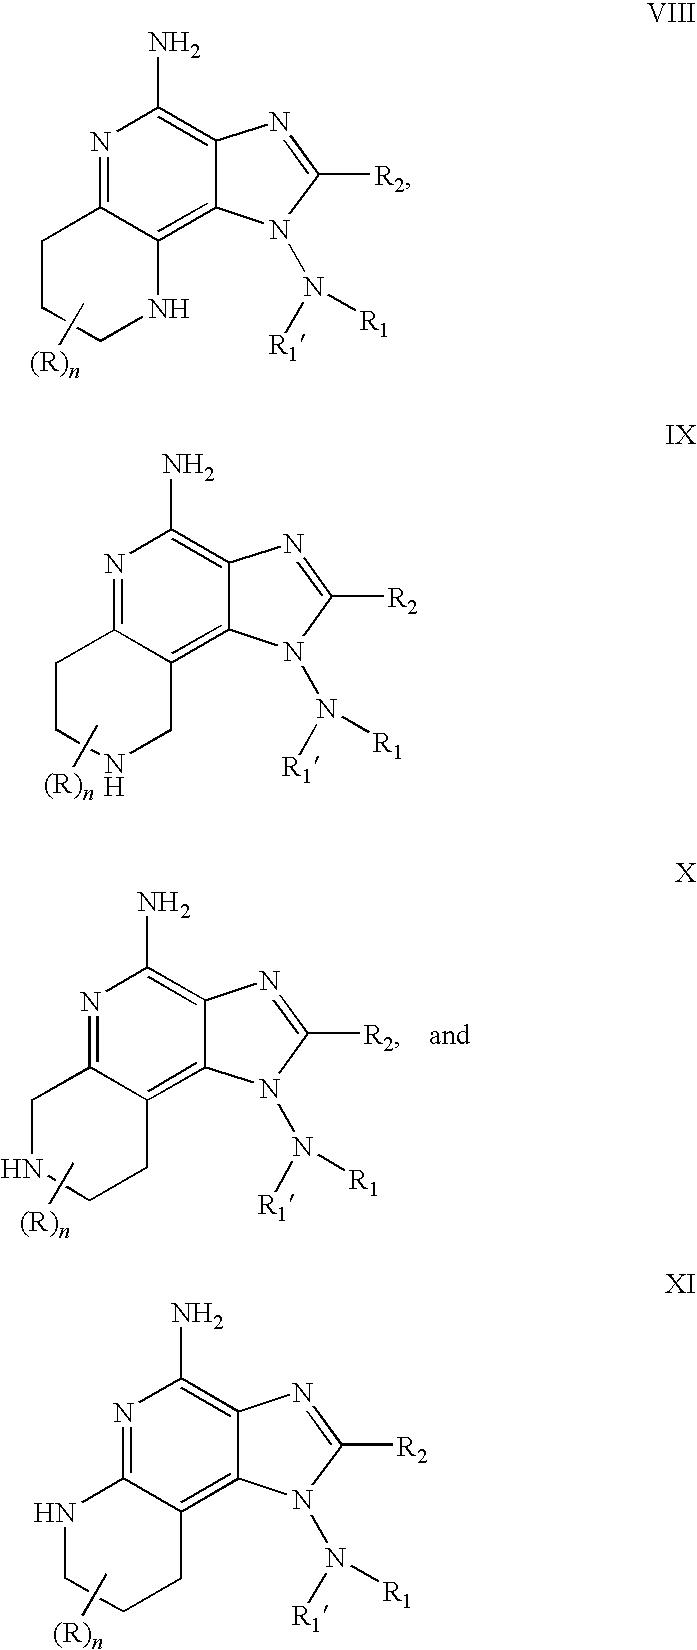 Figure US20090270443A1-20091029-C00031